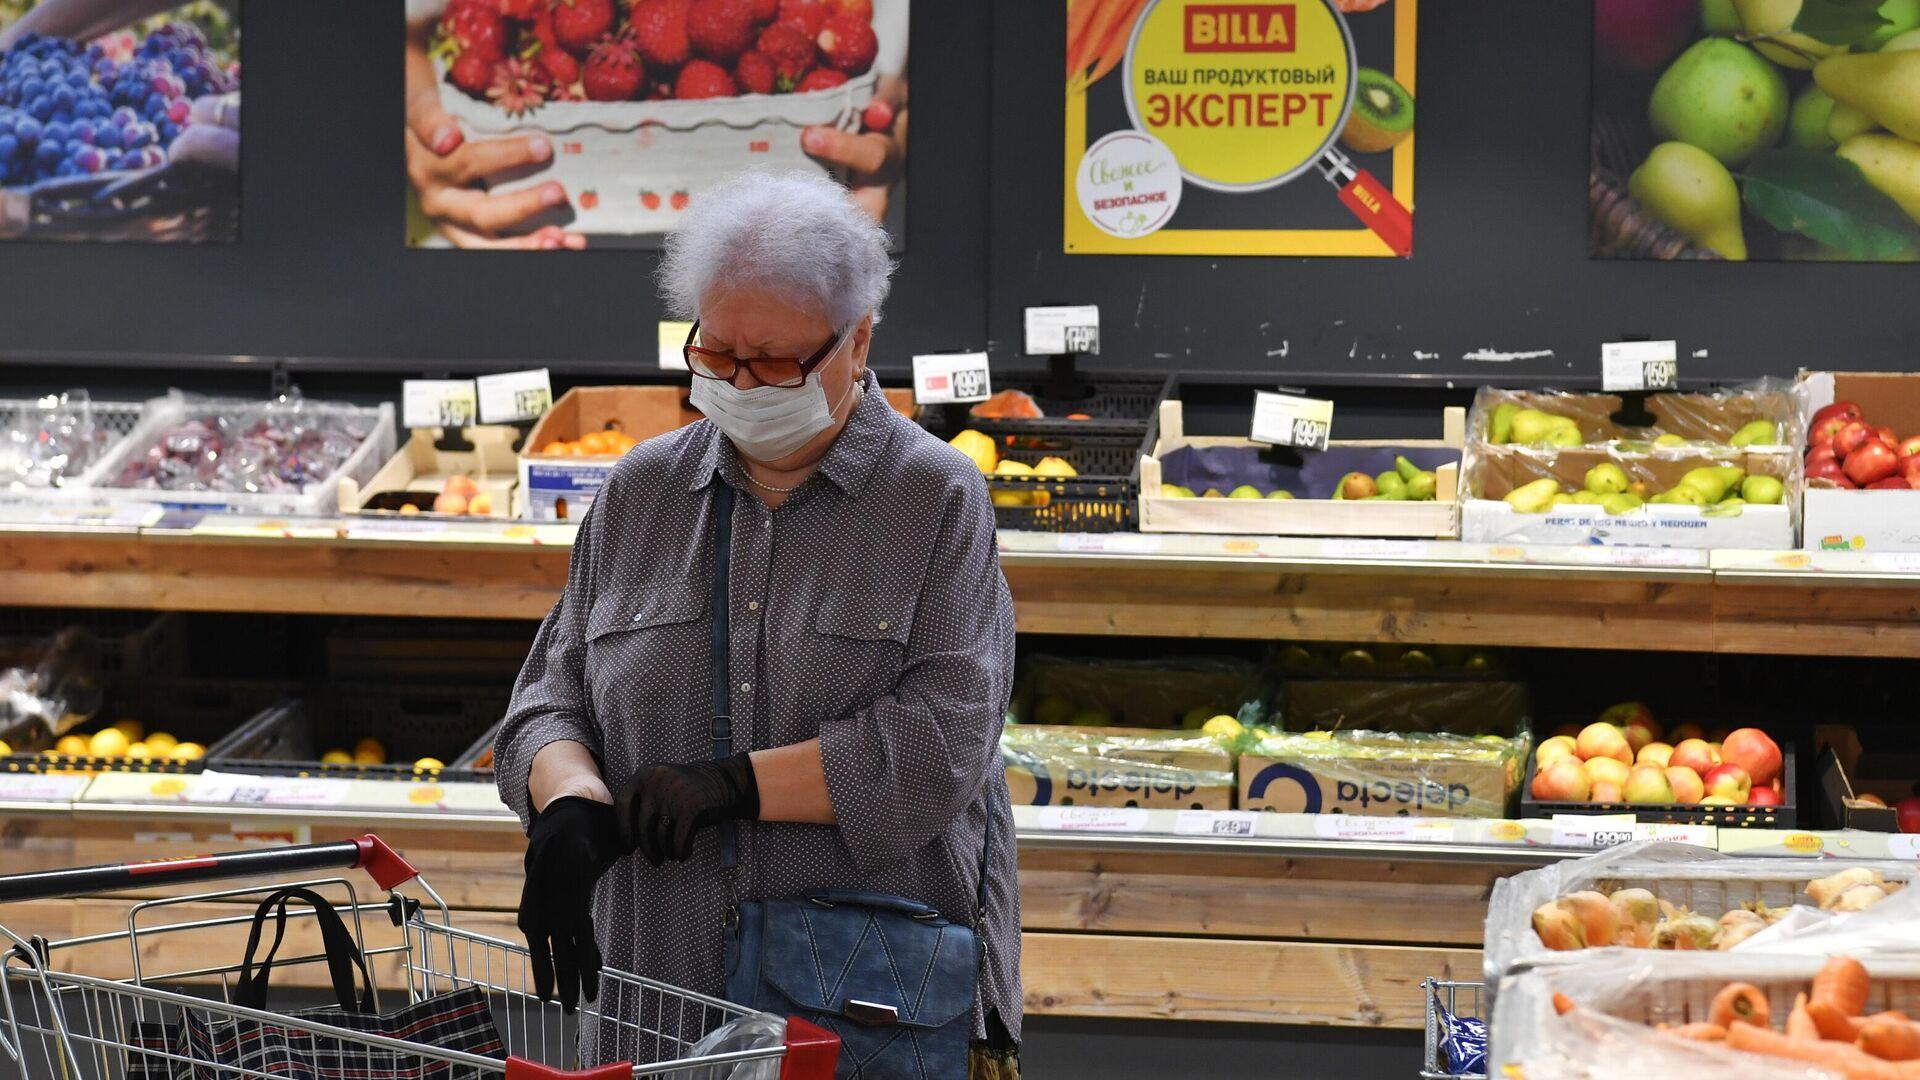 Посетительница в одном из супермаркетов Billa в Москве - РИА Новости, 1920, 19.05.2021